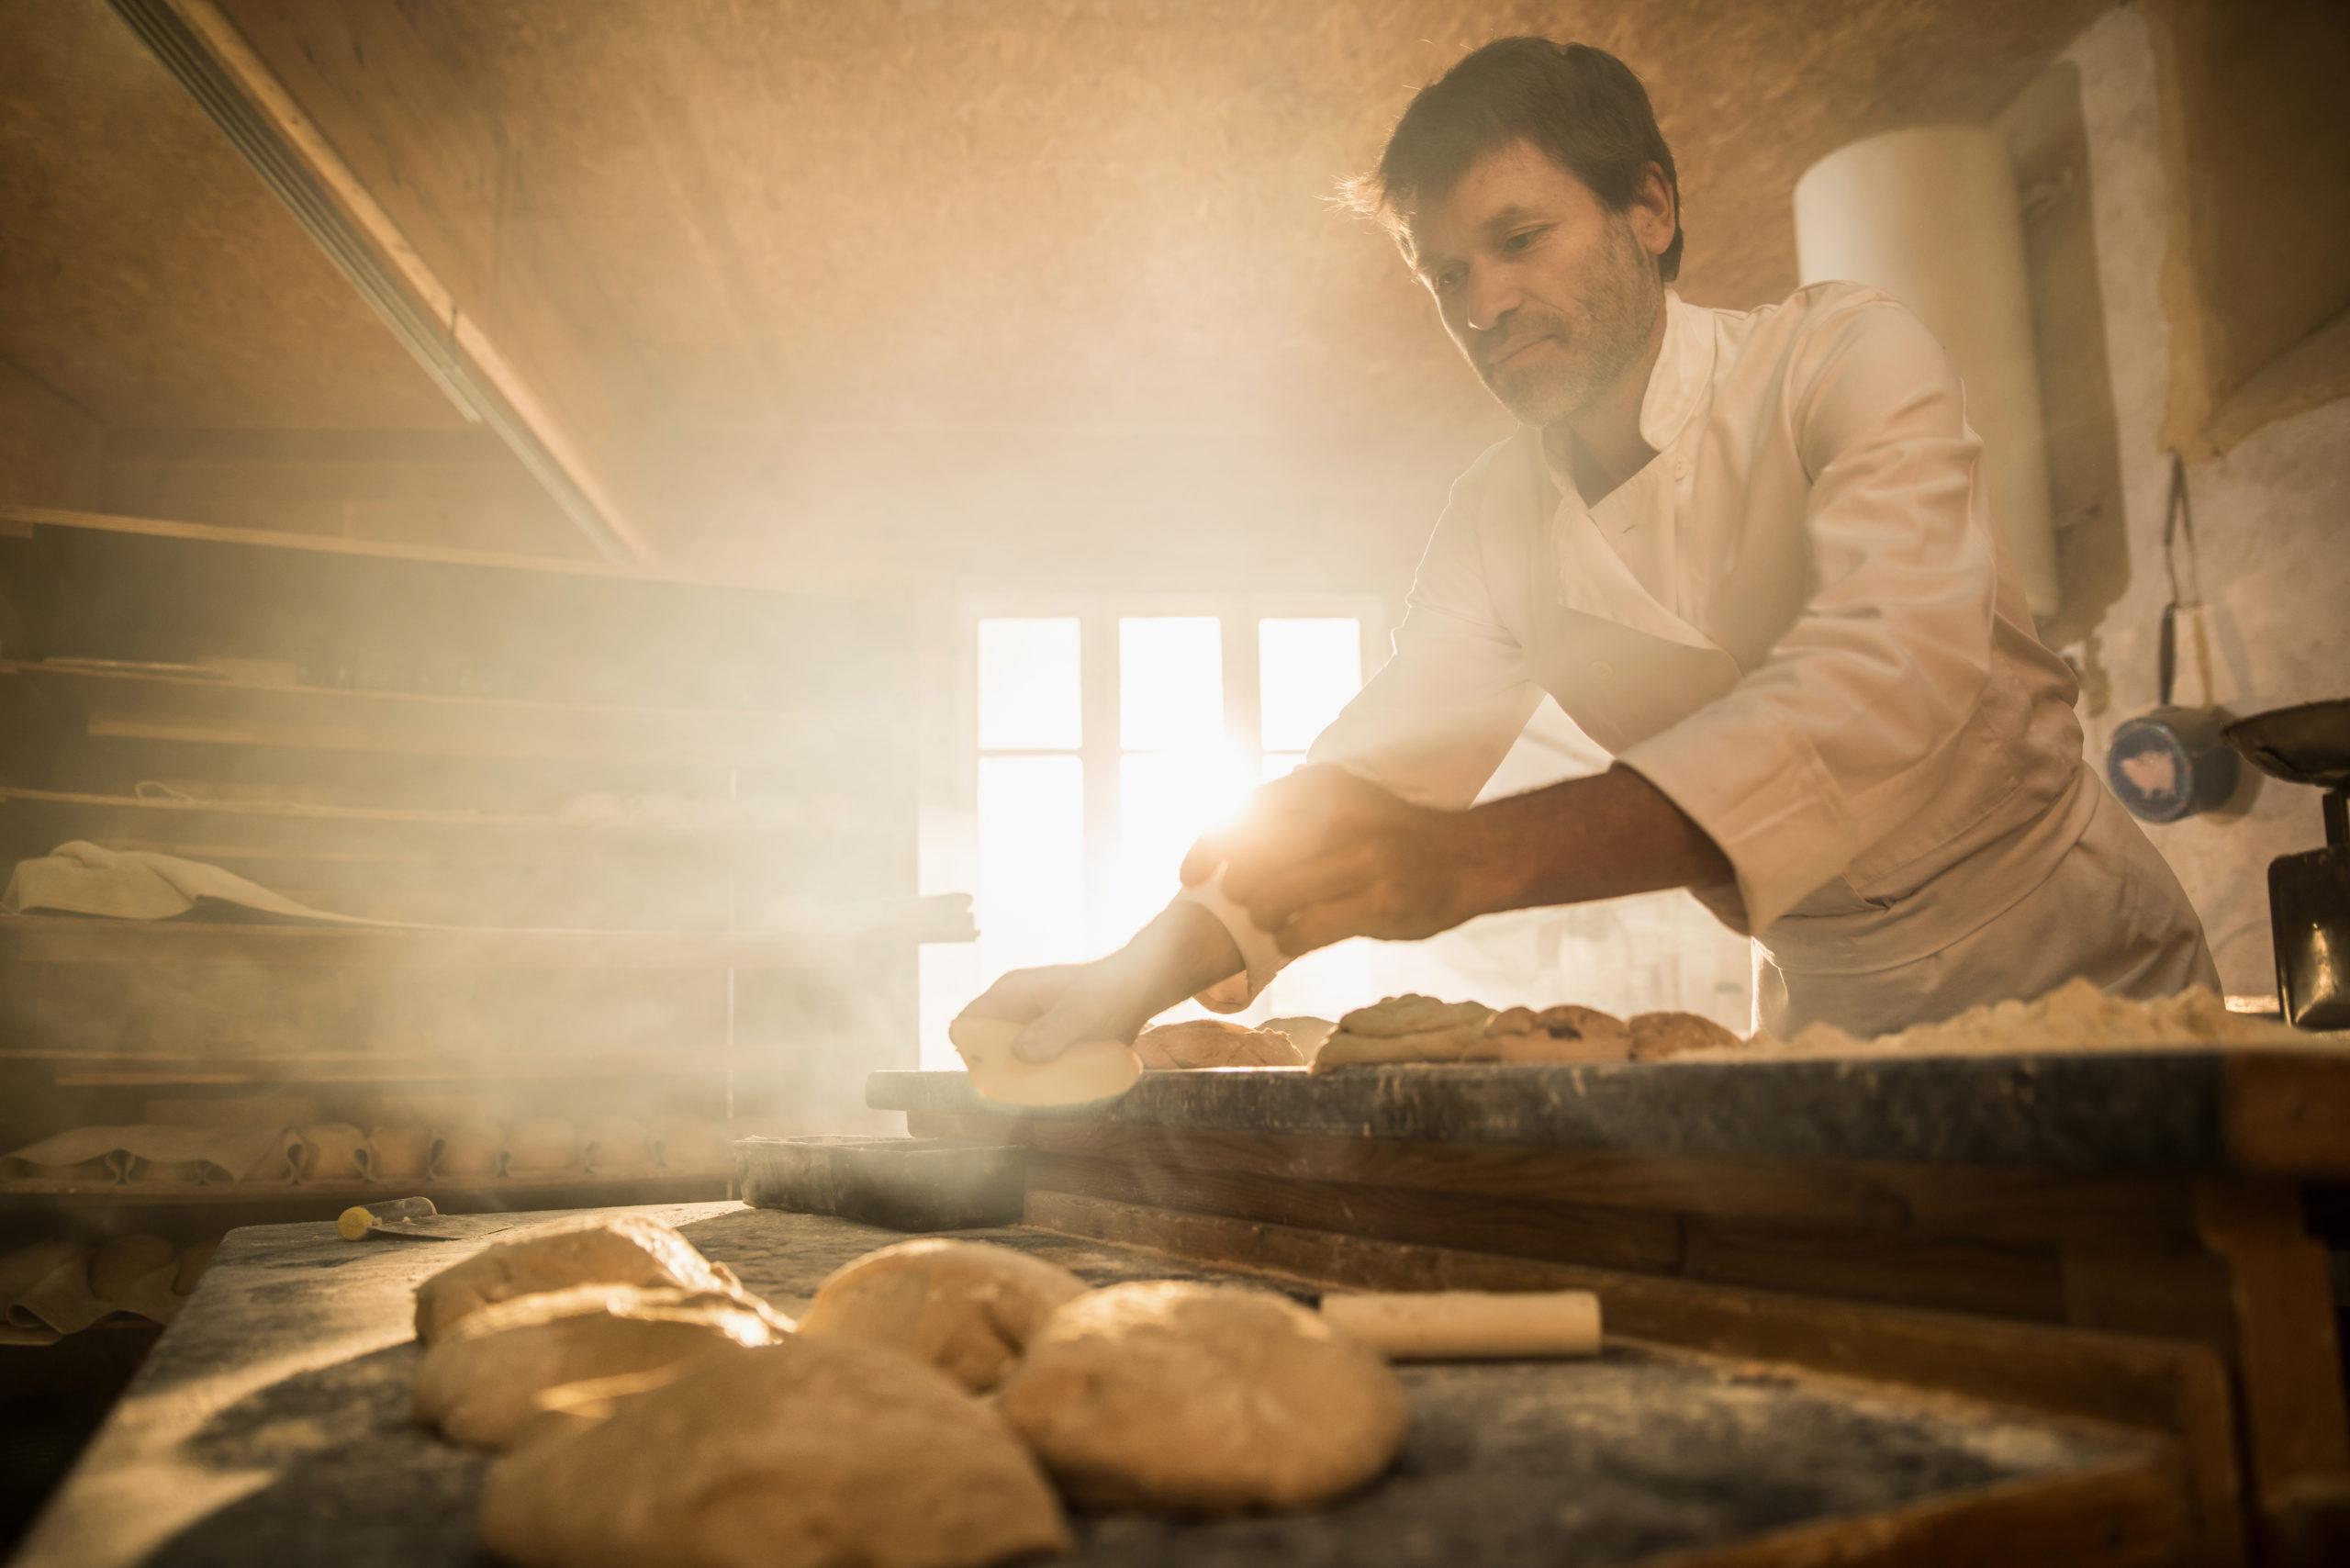 Reportage en entreprise, le boulanger au travail